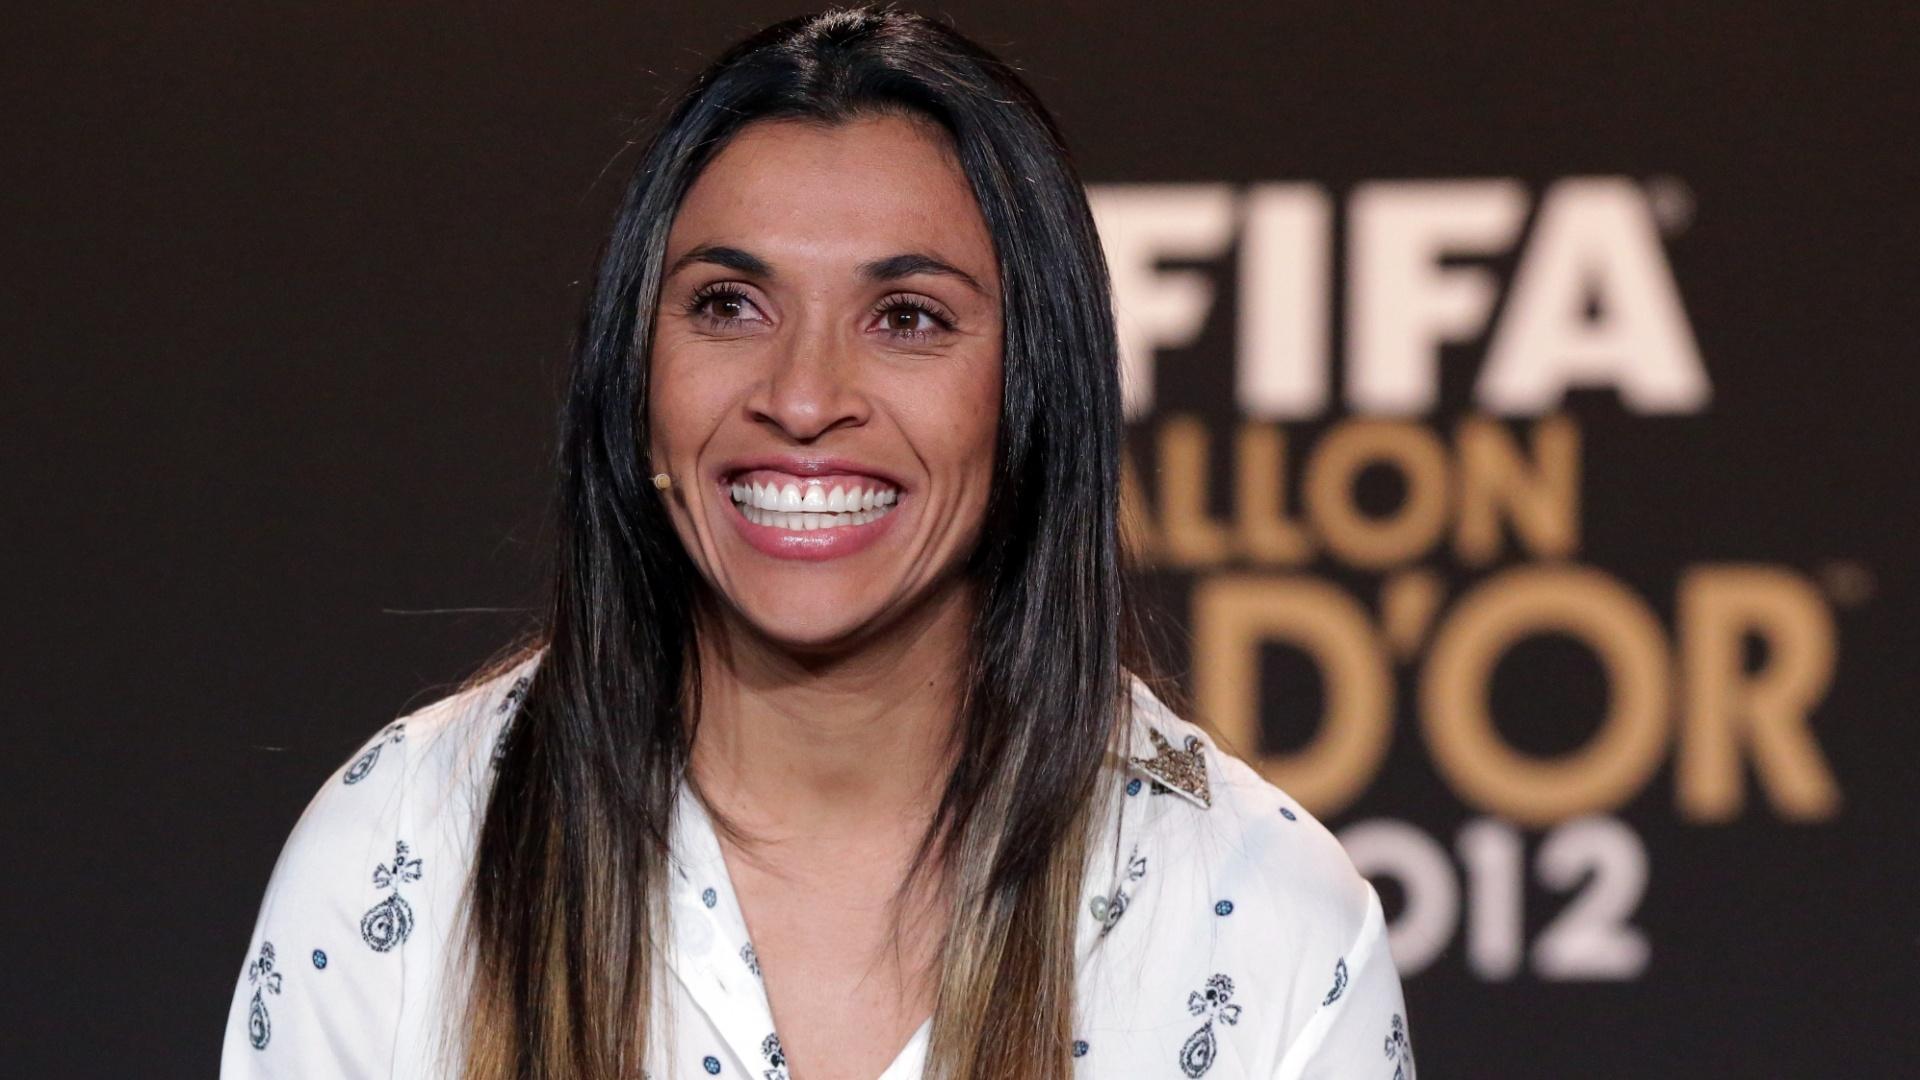 07.jan.2012- Eleita a melhor do mundo por cinco vezes (2006, 2007, 2008, 2009, 2010), Marta sorri durante coletiva de imprensa antes da premiação Bola de Ouro da Fifa